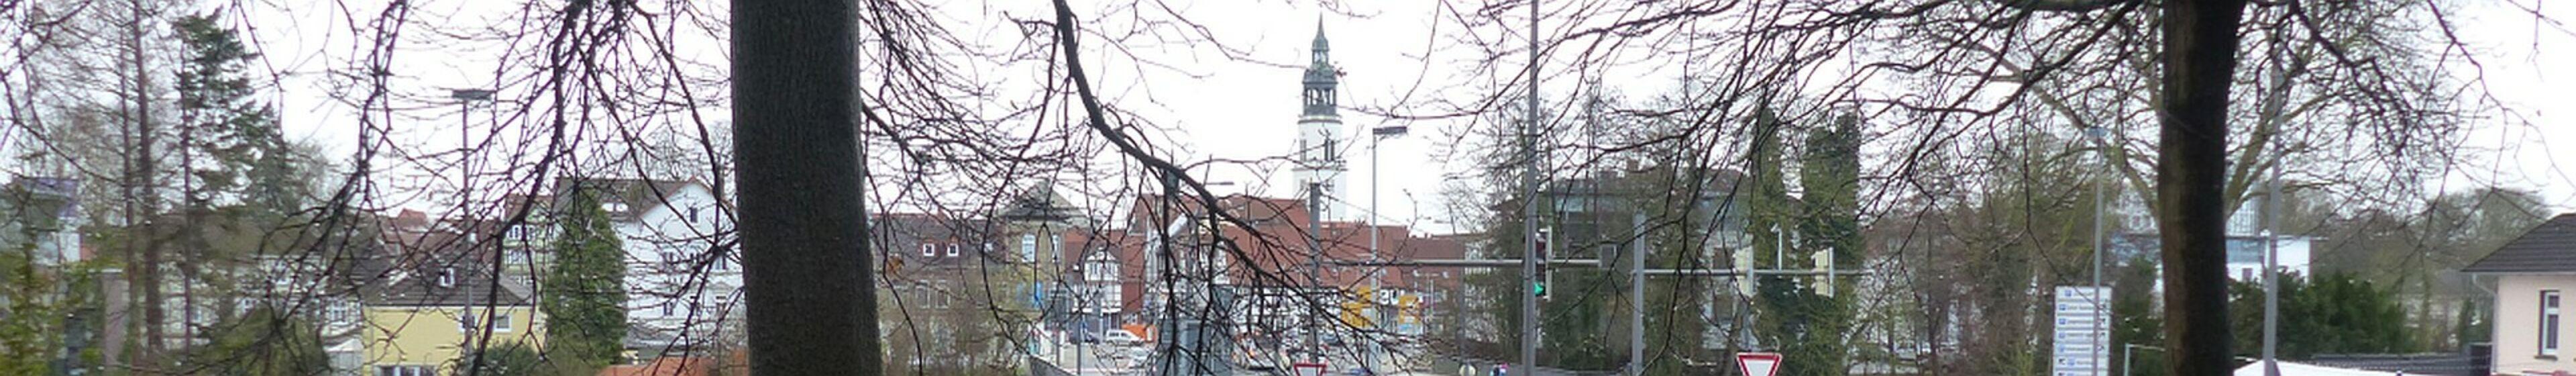 Stadtkirche vom Kapellenberg gesehen